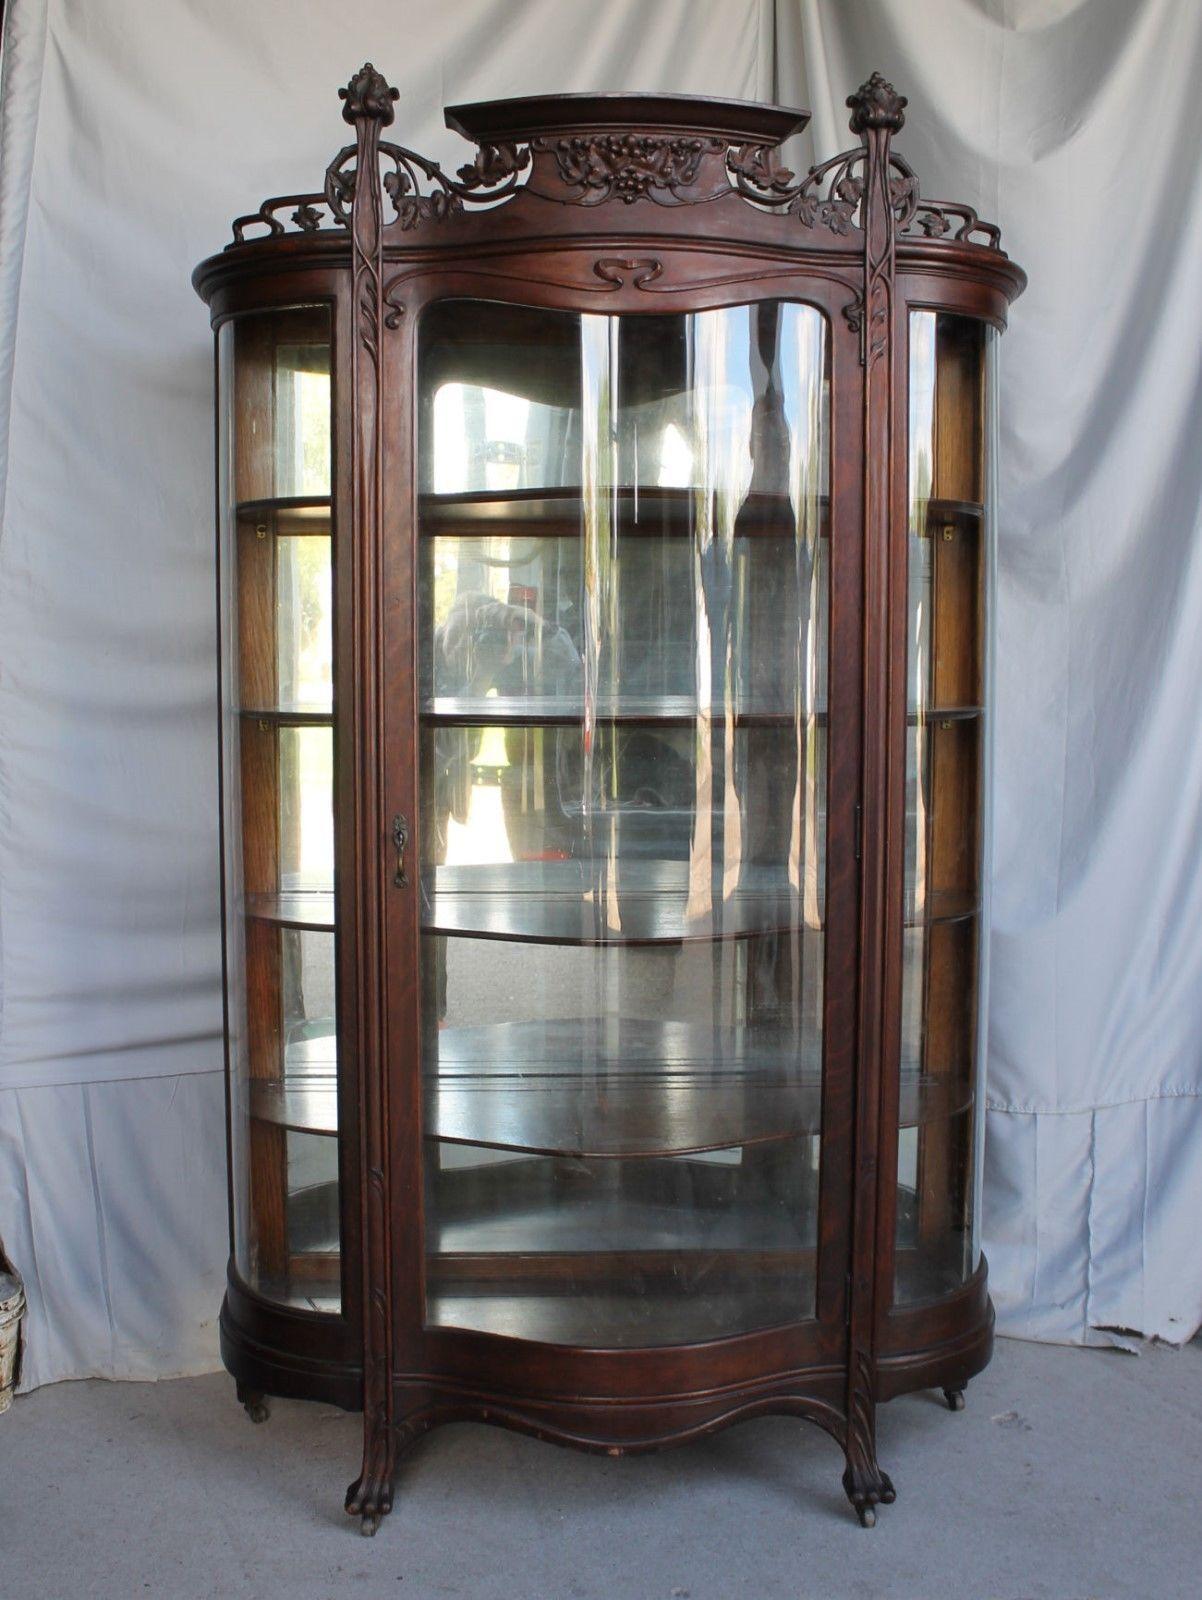 Antique Oak Curio China Cabinet – Art Nouveau Style - Fancy | eBay - Antique Oak Curio China Cabinet – Art Nouveau Style - Fancy EBay